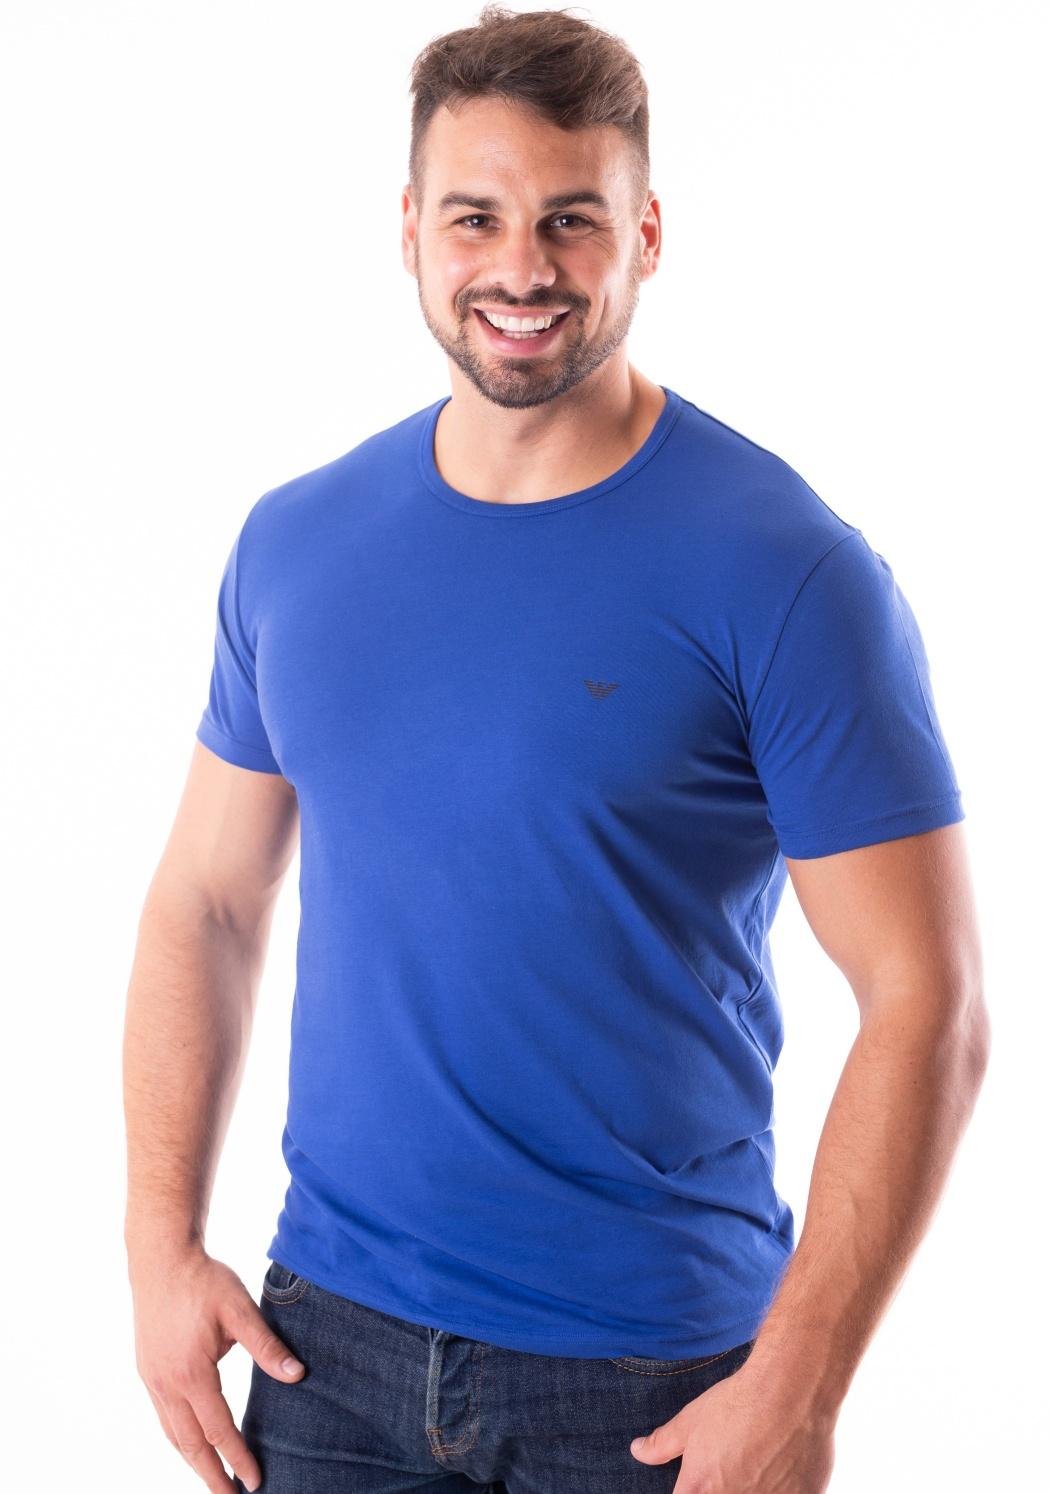 4d3139343ef9 Pánské tričko Emporio Armani 111267 8A722 M Modrá - Spodní prádlo ...